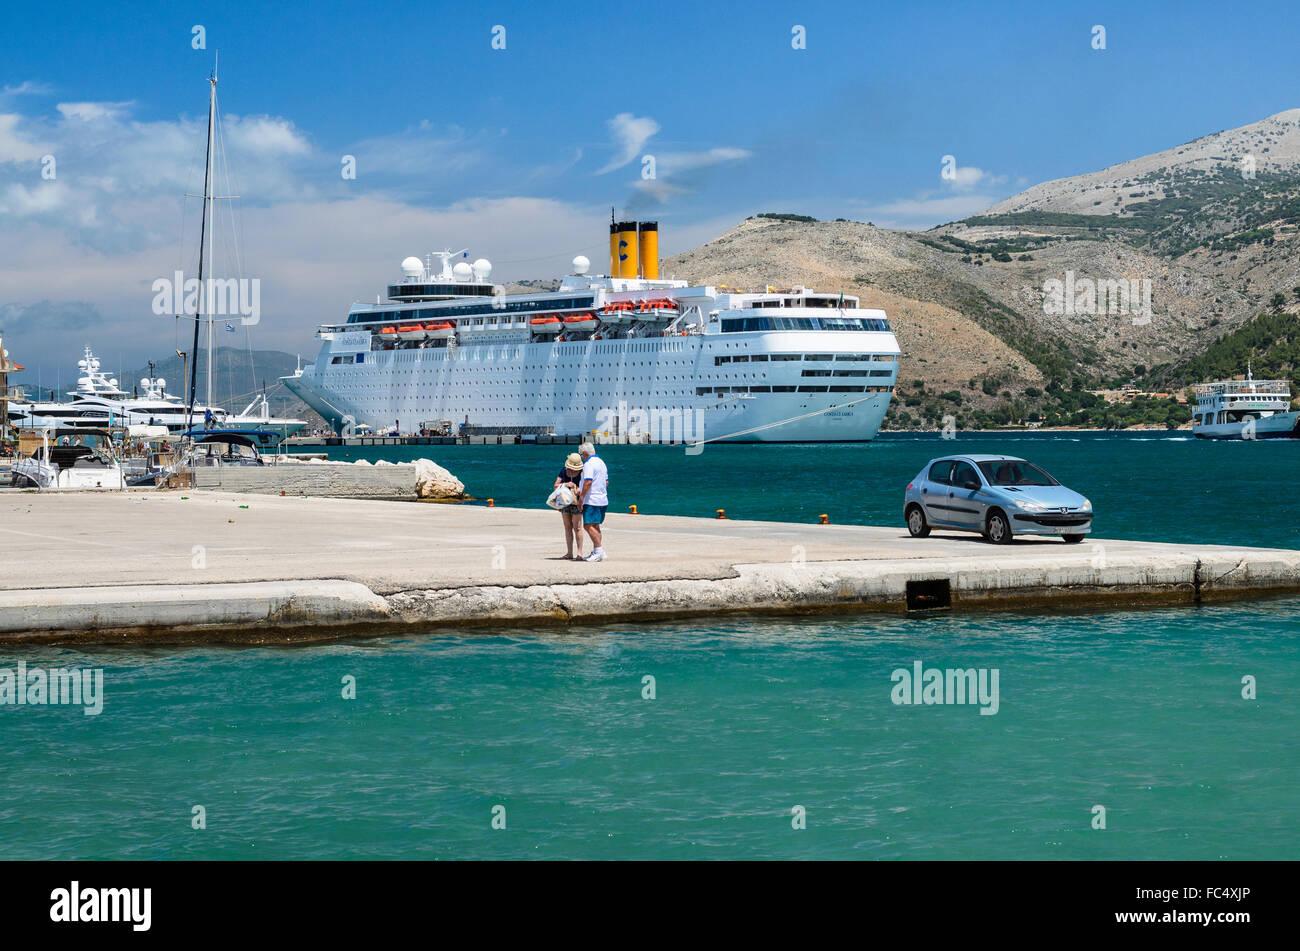 Large Cruise Ship Docked At The Working Port Of Argostoli